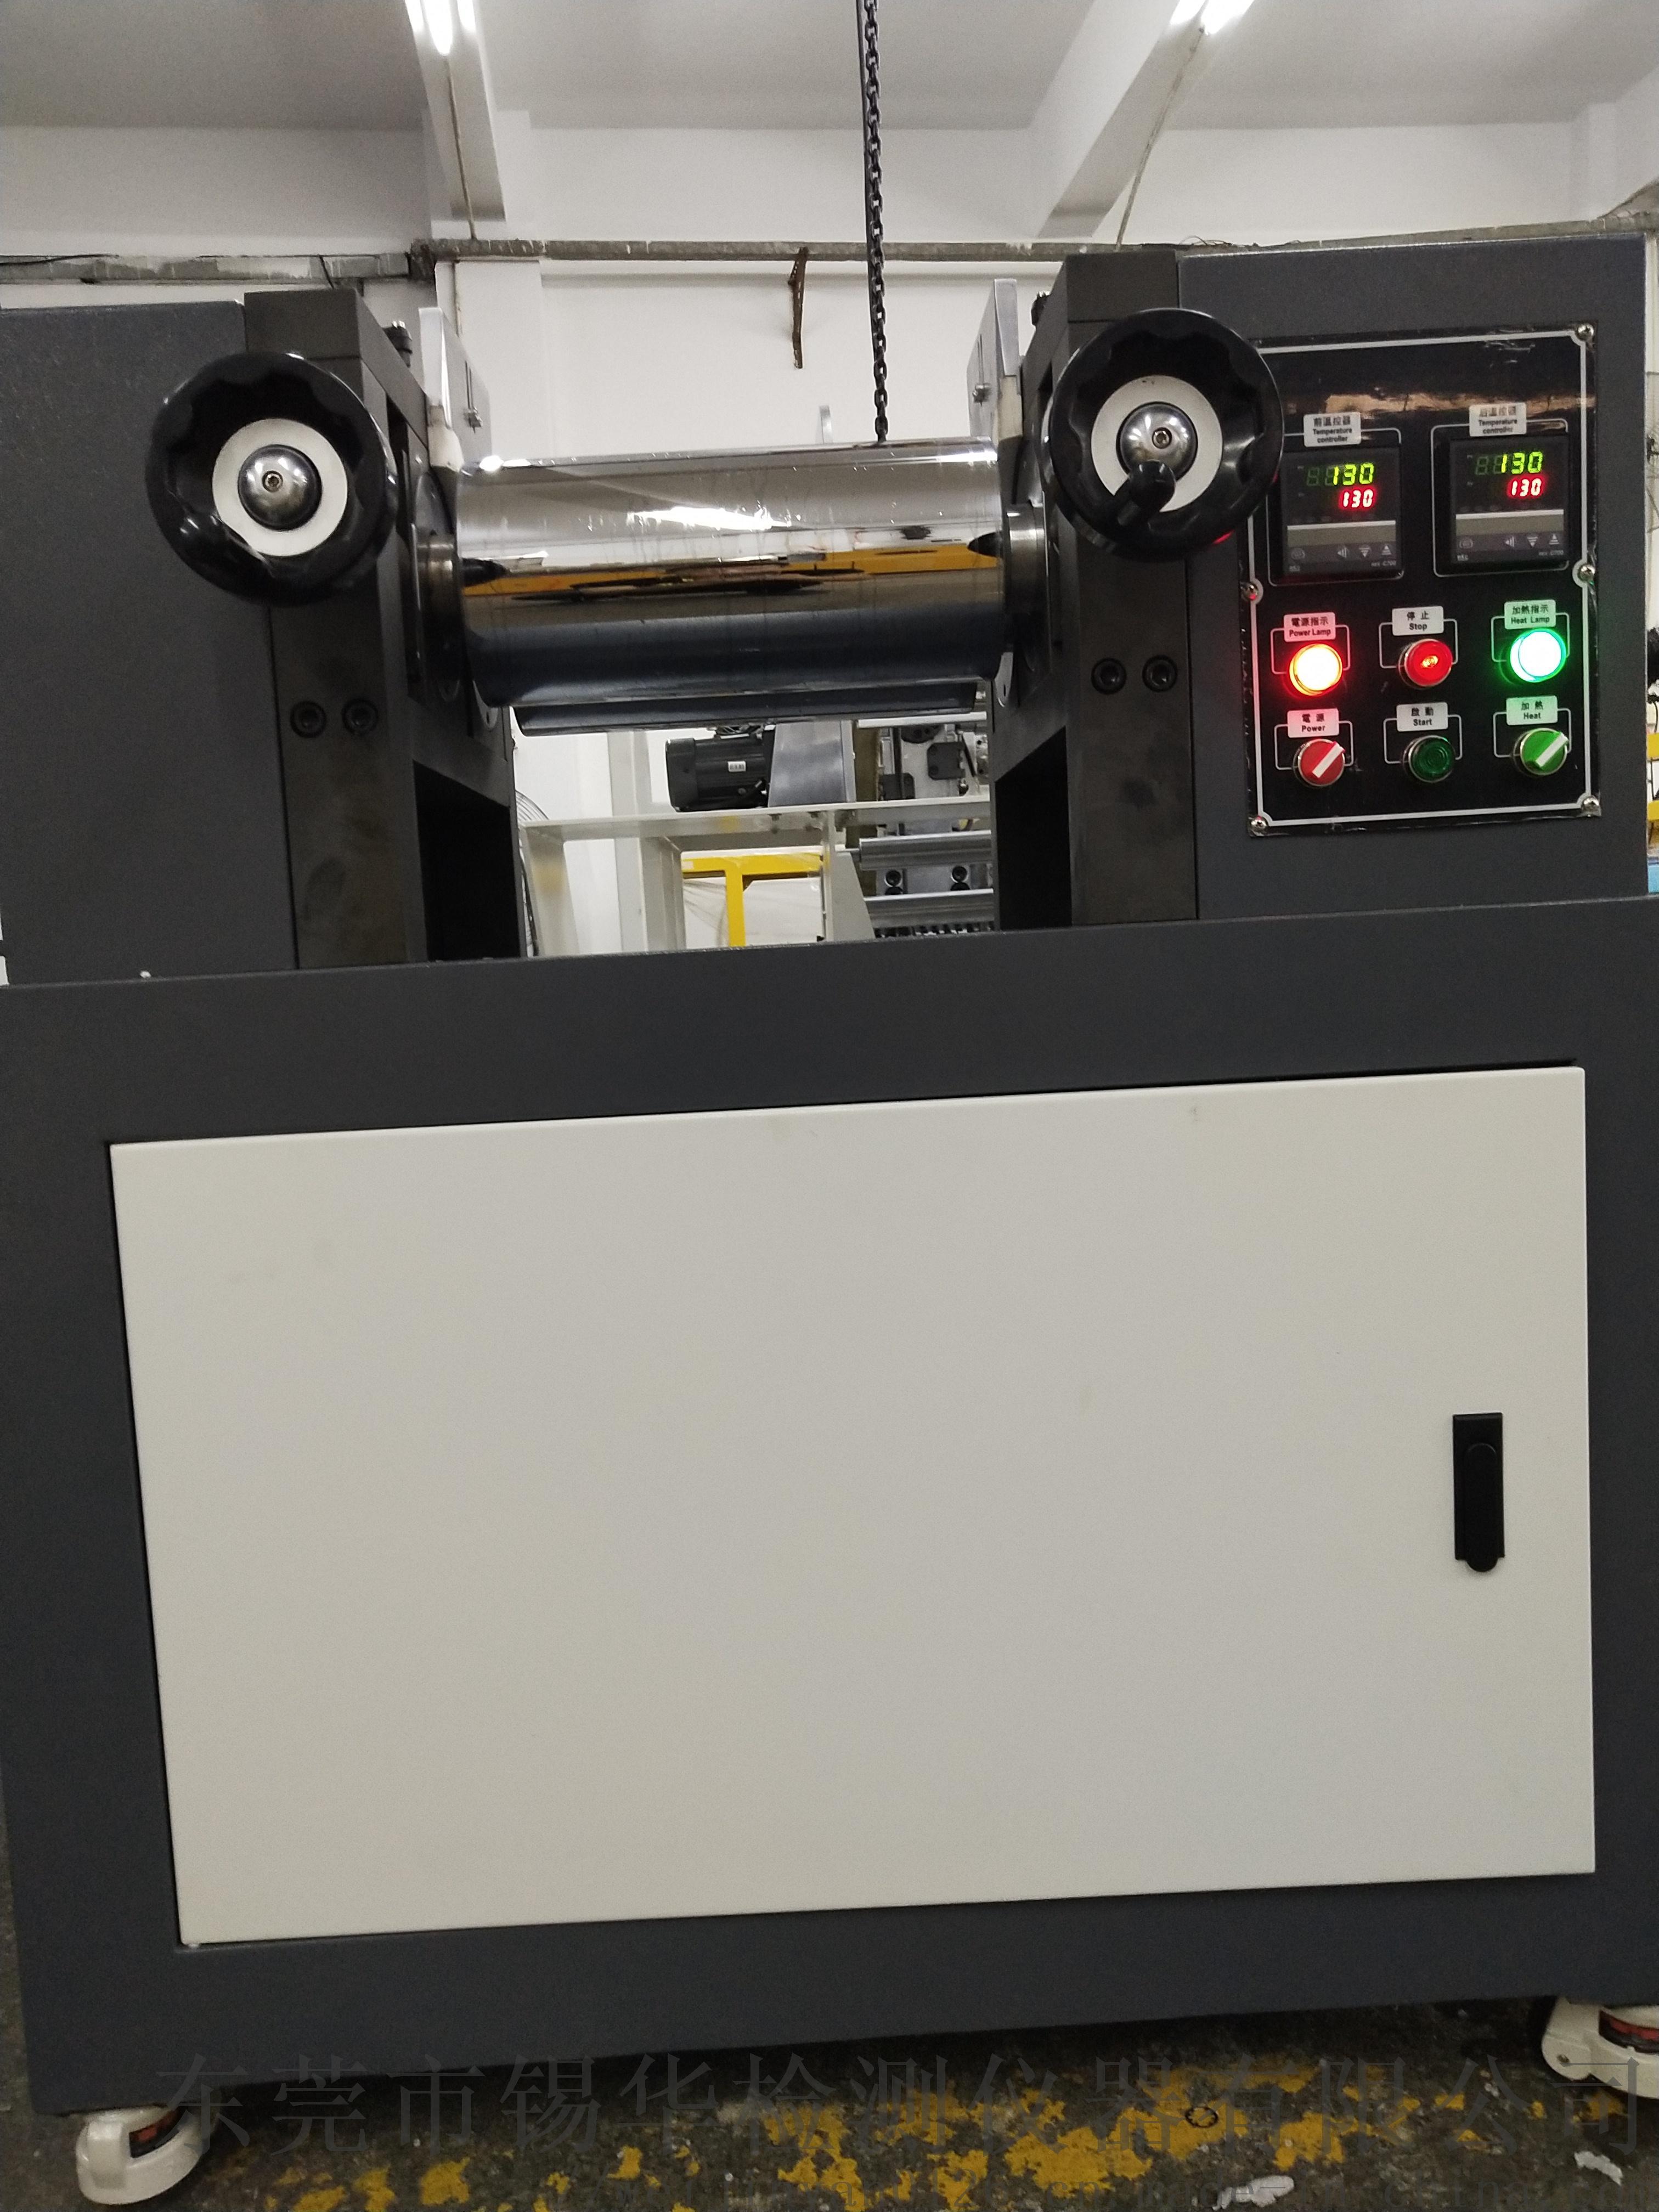 实验室小型双滚炼胶机,XH-401CE混炼机91372895